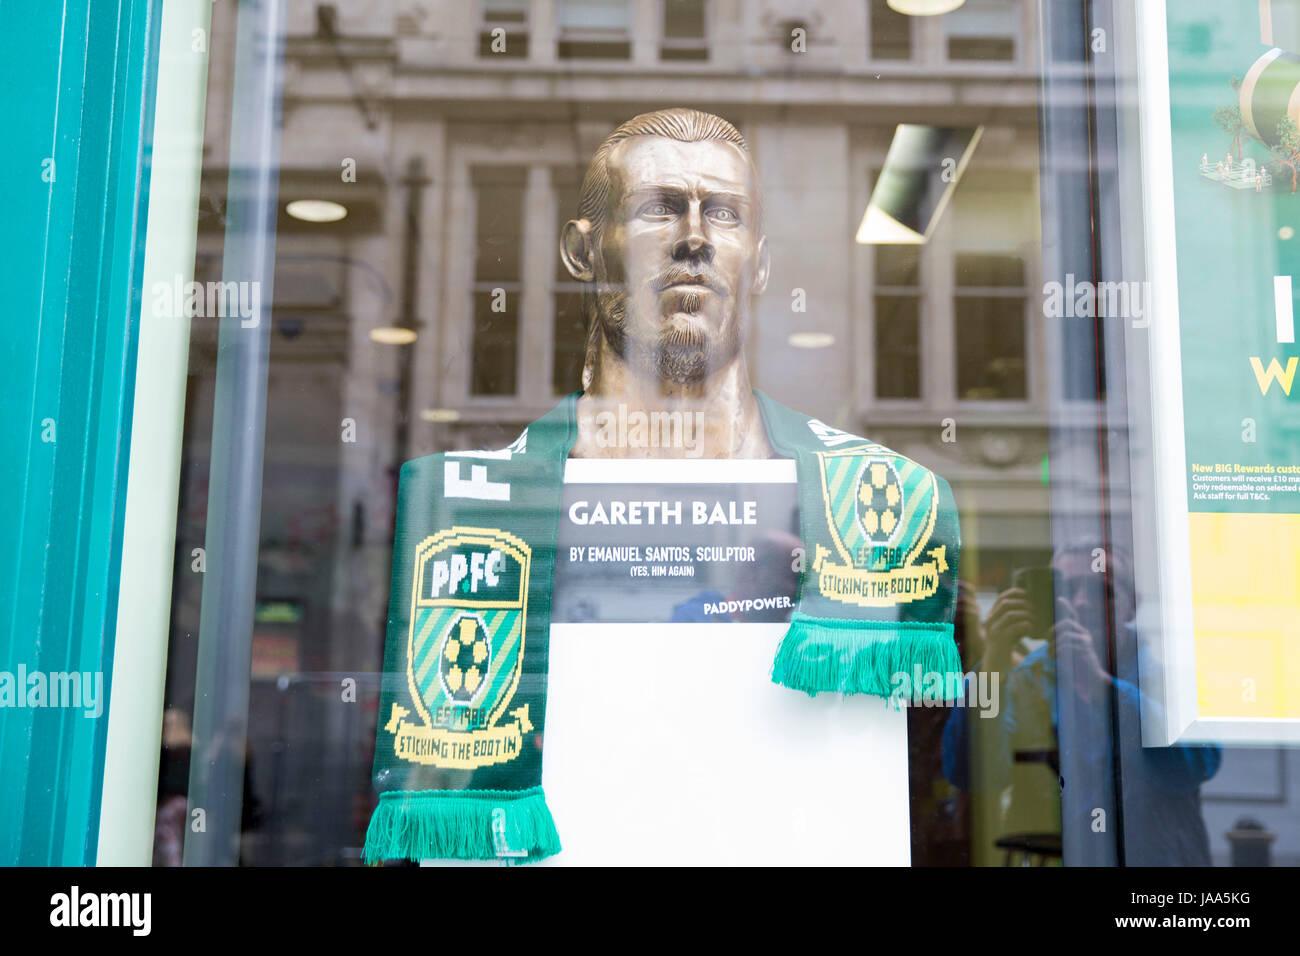 Gareth Bale Statue